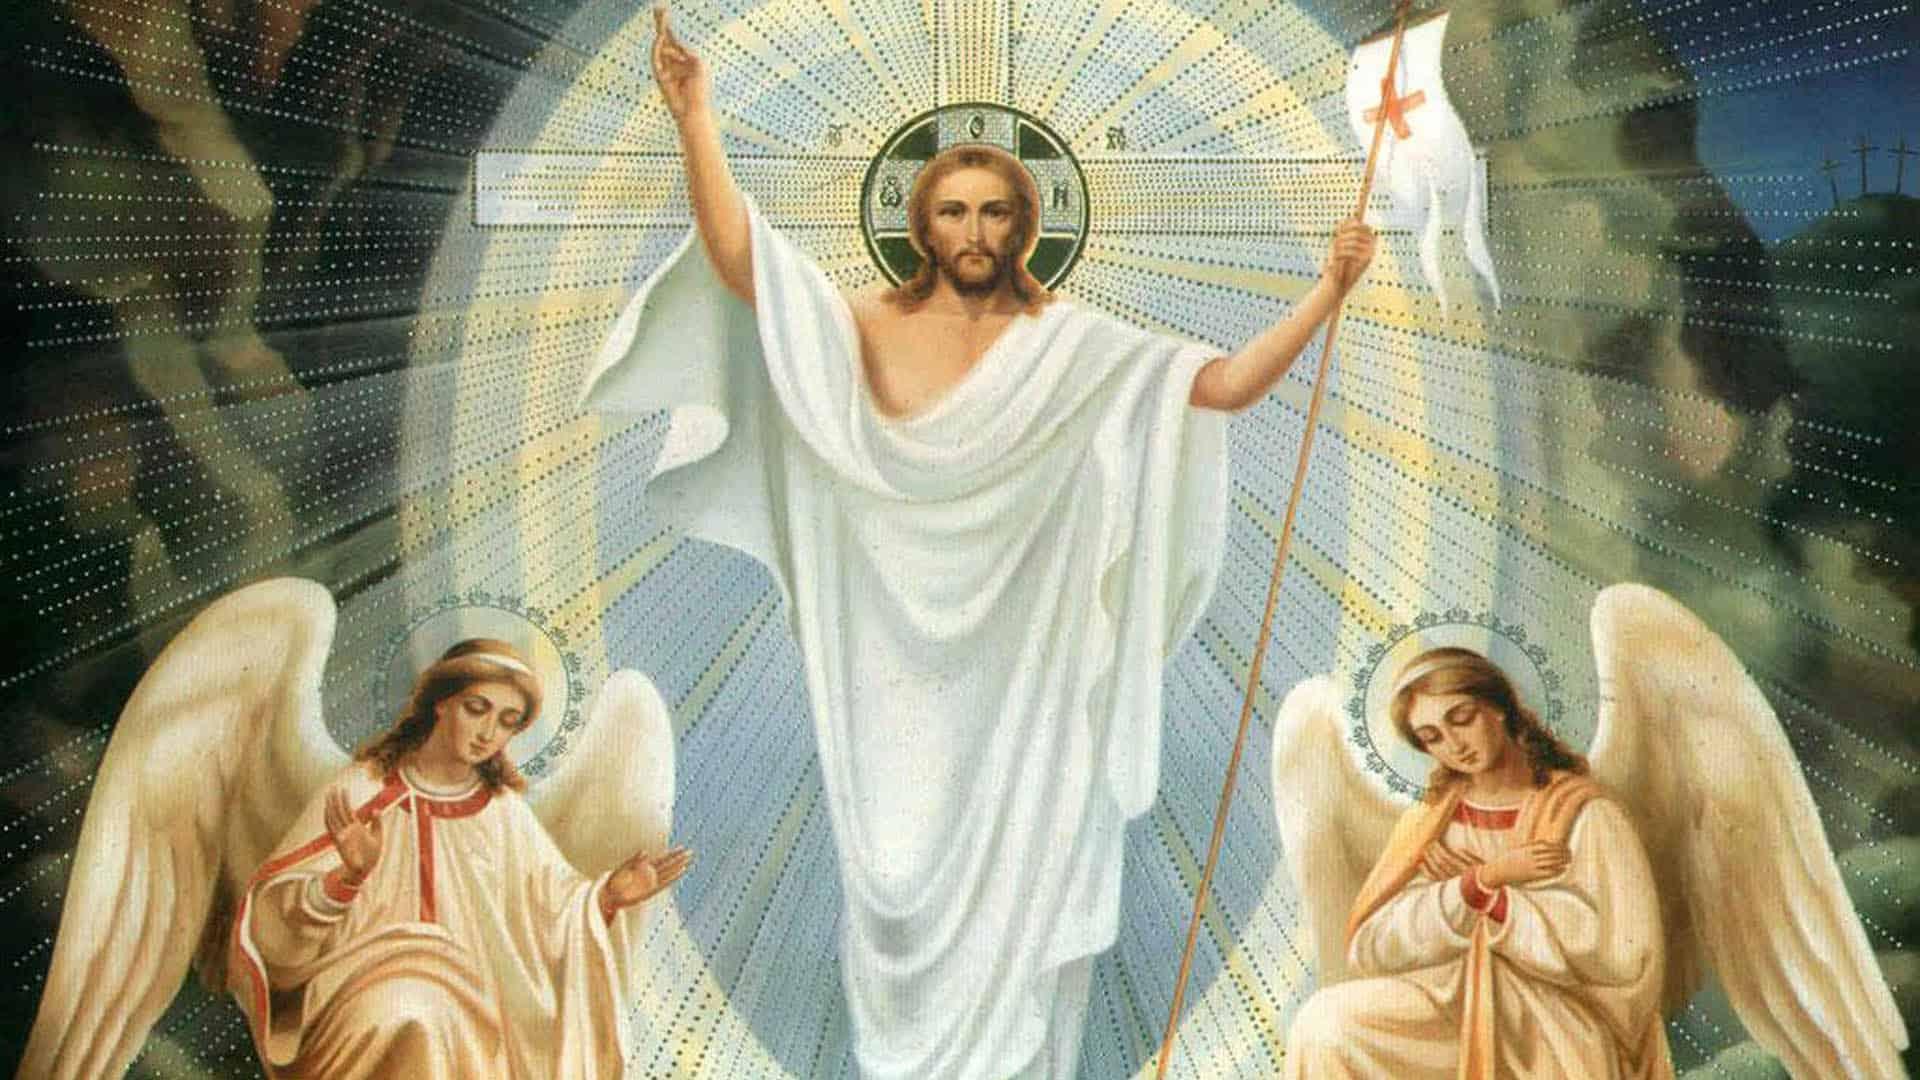 jezus-verrijzenis-pasen-olv-ter-nood-heiloo